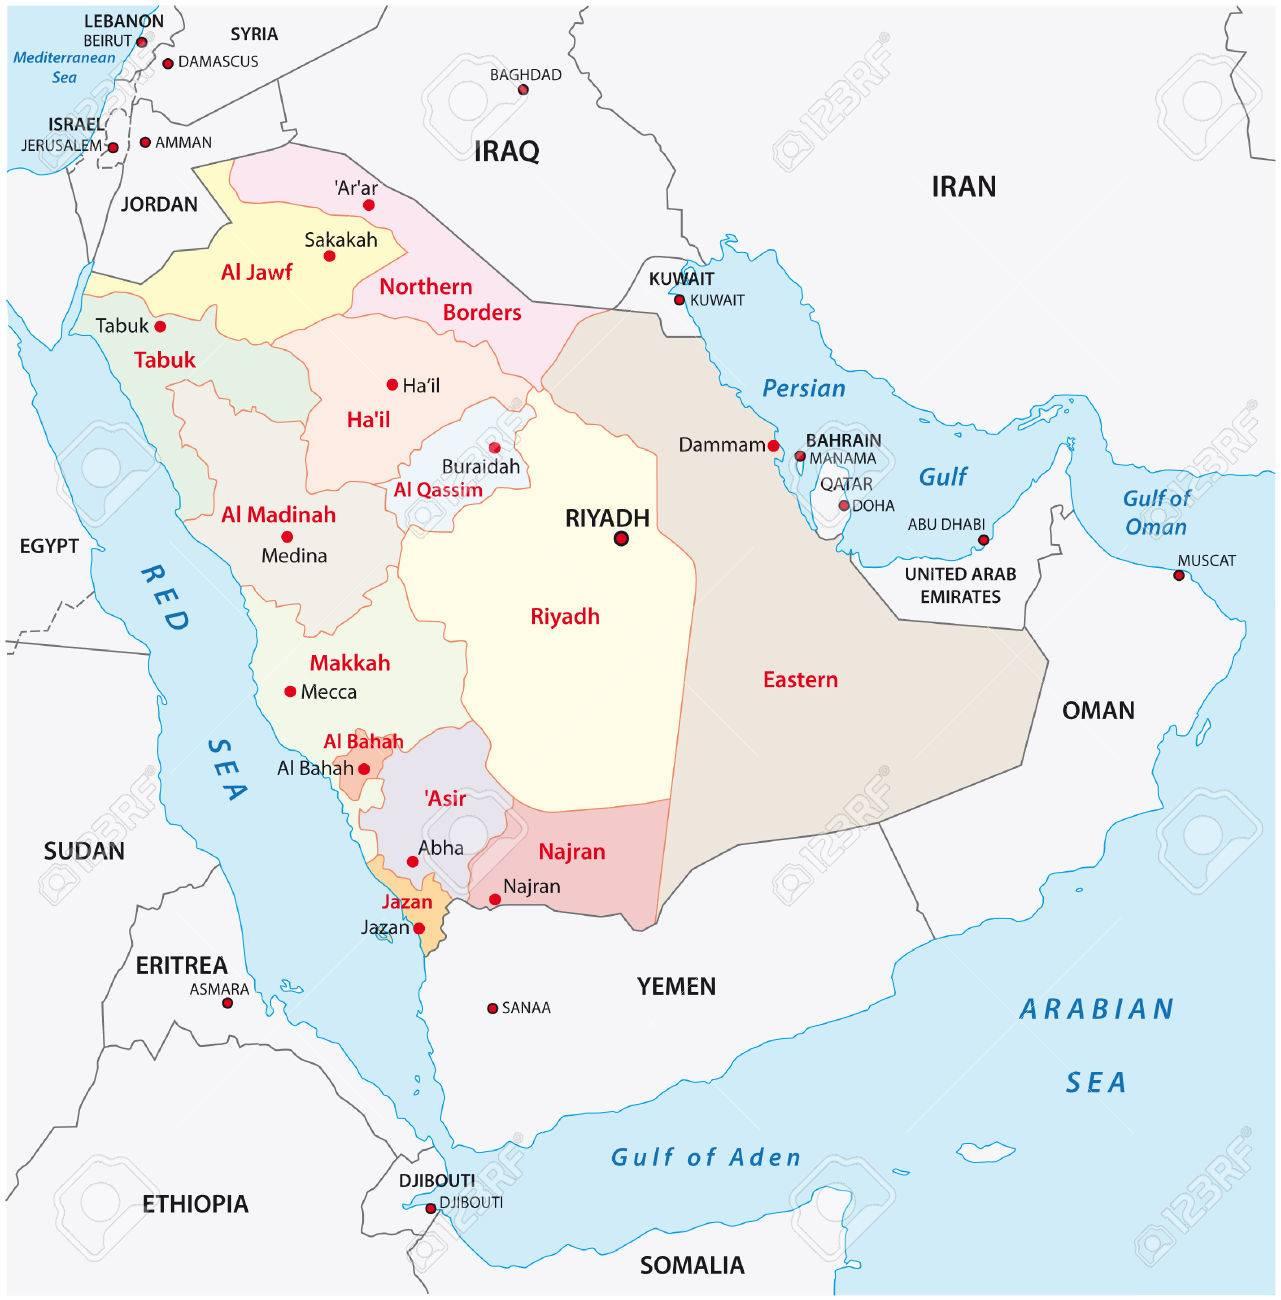 Maps Update 20001193 Uae on Map United Arab Emirates Maps 79 – Uae Detailed Map